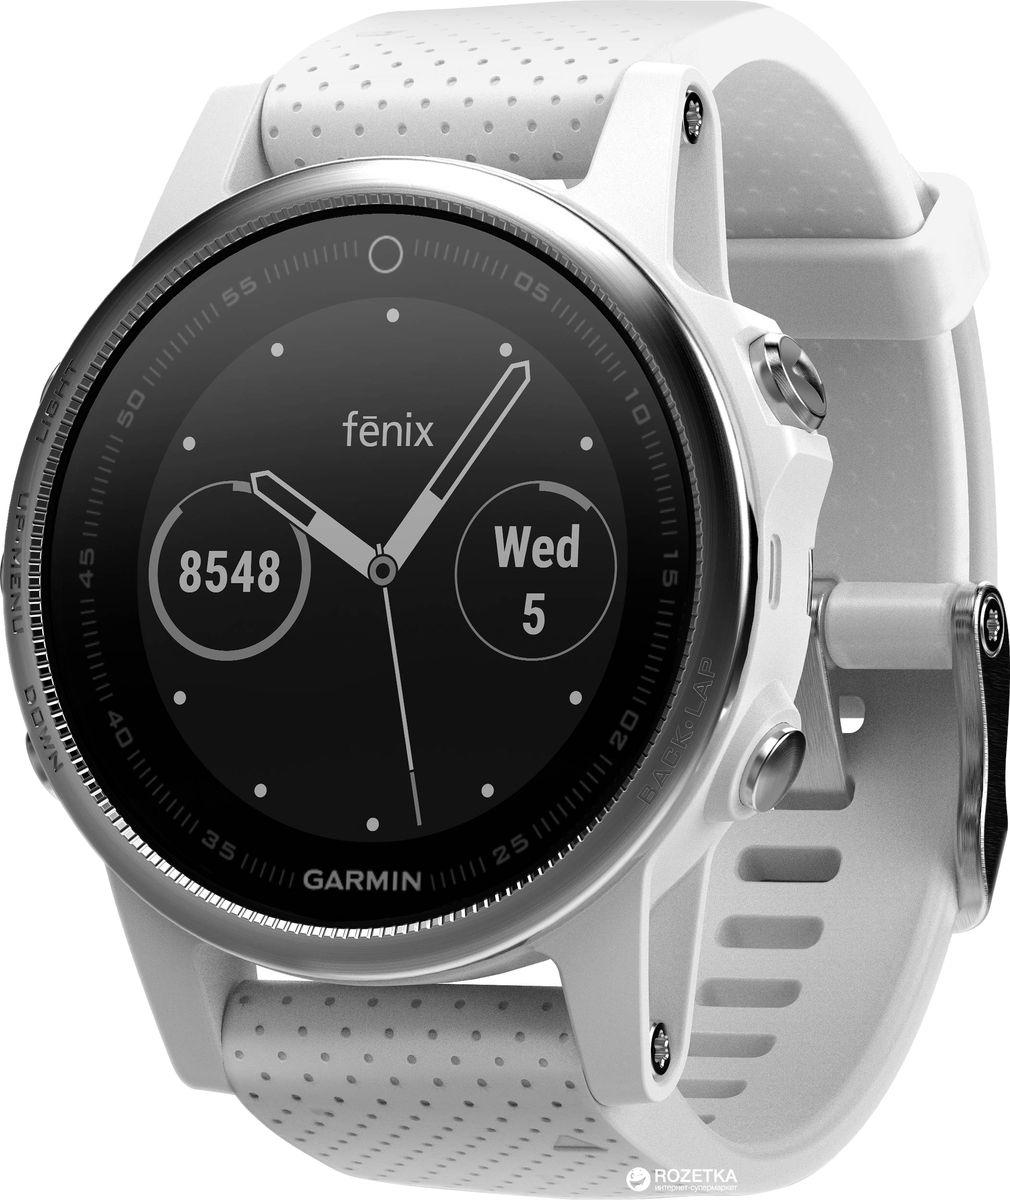 Часы спортивные Garmin Fenix 5S, цвет: белый010-01685-00Часы с GPS/ГЛОНАСС для повседневной жизни, приключений, фитнеса и спортаFenix 5S компактные часы (42мм) серебристые с черным ремешкомПремиум-часы с GPS/ГЛОНАСС, мультиспортивными тренировками и встроенным оптическим пульсометром Elevate1Созданы для активных приключений: прочный корпус со стальным безелем, кнопками и задней крышкой, защита от воды 100мВиджеты, которые показывают эффективность ход тренировок доступны одним касаниемСмарт функции2 - интеллектуальные оповещения, автоматическая загрузка в интернет-сообщество Garmin Connect и персонализация через загружаемые бесплатные циферблаты и приложения из магазина Connect IQВстроенные датчики: GPS и ГЛОНАСС, 3-х осевой магнитный компас, гироскоп, термометр, барометр и барометрический высотомерСрок работы от батареи: до двух недель в режиме умных часов (зависит от настроек), до 24 часов в режиме тренировки с GPS или до 60 часов в режиме экономии UltraTracСовершенствуйтесь весь день, каждый день. Fenix 5 - это высококачественные умные GPS-часы с мультиспортом, интеллектуальными уведомлениями2 и встроенным оптическим пульсометром на запястье1. Улучшенные функции фитнеса и быстросменные ремешки, которые позволяют вам уйти с рабочего места на тренировку, без задержек. Каким бы видом спорта вы не занимались, Fenix 5 его поддерживает, благодаря встроенным профилям деятельности и показателям производительности.Две системы навигацииFenix 5 оснащен улучшенным спутниковым приемником GPS и ГЛОНАСС для отслеживания местоположения в сложных условиях. Вы можете рассчитывать на длительное время автономной работы в каждом режиме работы (конкретное время зависит от модификации часов и настроек). Защита от воды 100м позволит вам с уверенностью путешествовать везде, где захочется.Отличная читаемость на ходуЯркий полноцветный дисплей Garmin Chroma Display со светодиодной подсветкой обеспечивает отличную читаемость при любых внешних условиях. Трансфлективная технология, которая одно